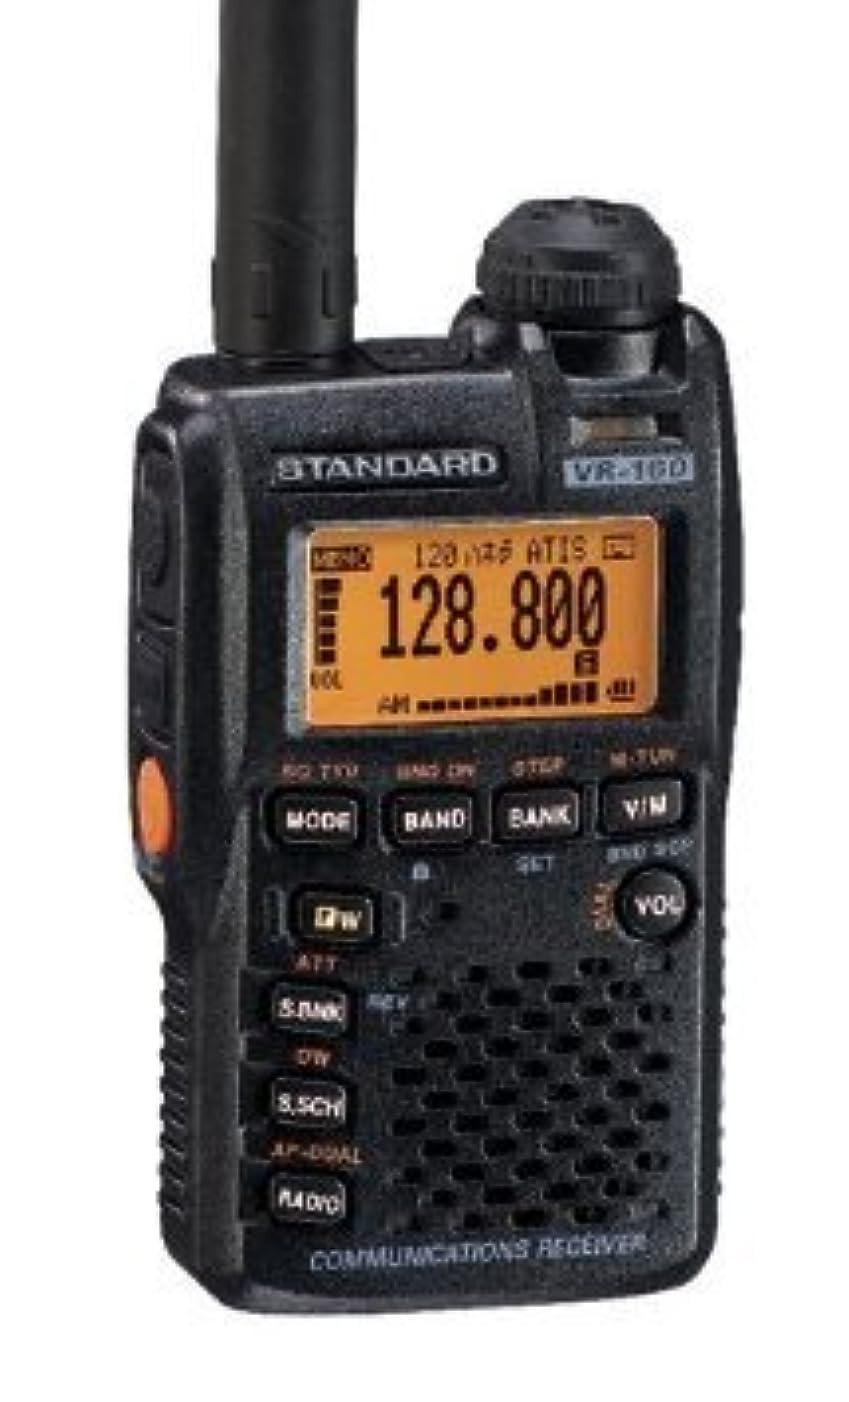 同盟オーバードローバンジョーVR-160 (航空無線周波数メモリ済&オリジナル航空無線受信専用アンテナセット)